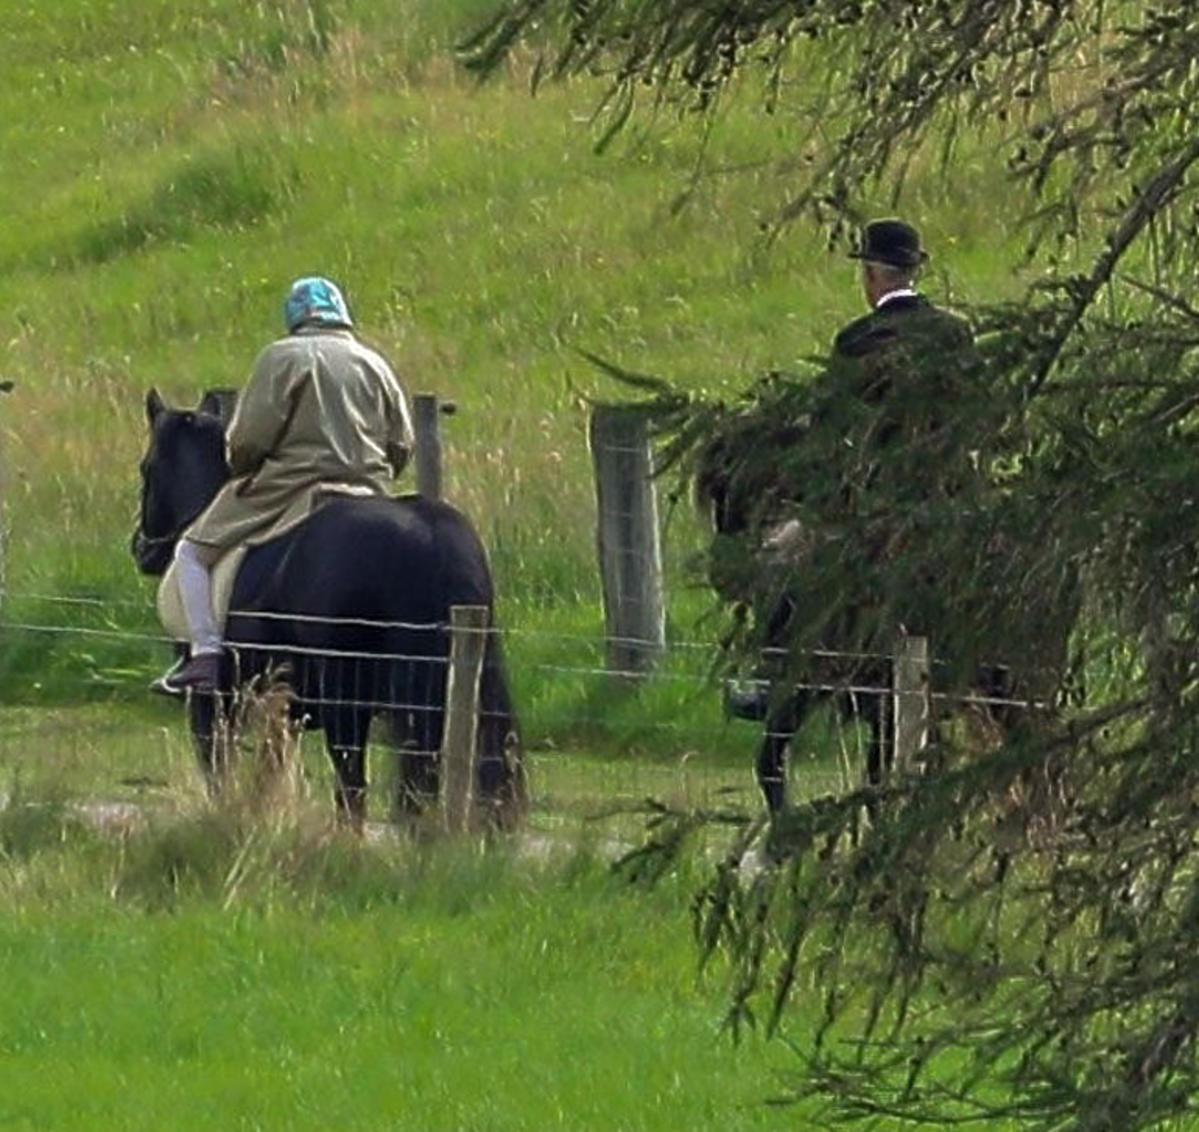 Królowa Elżbieta II podczas przejażdżki konnej